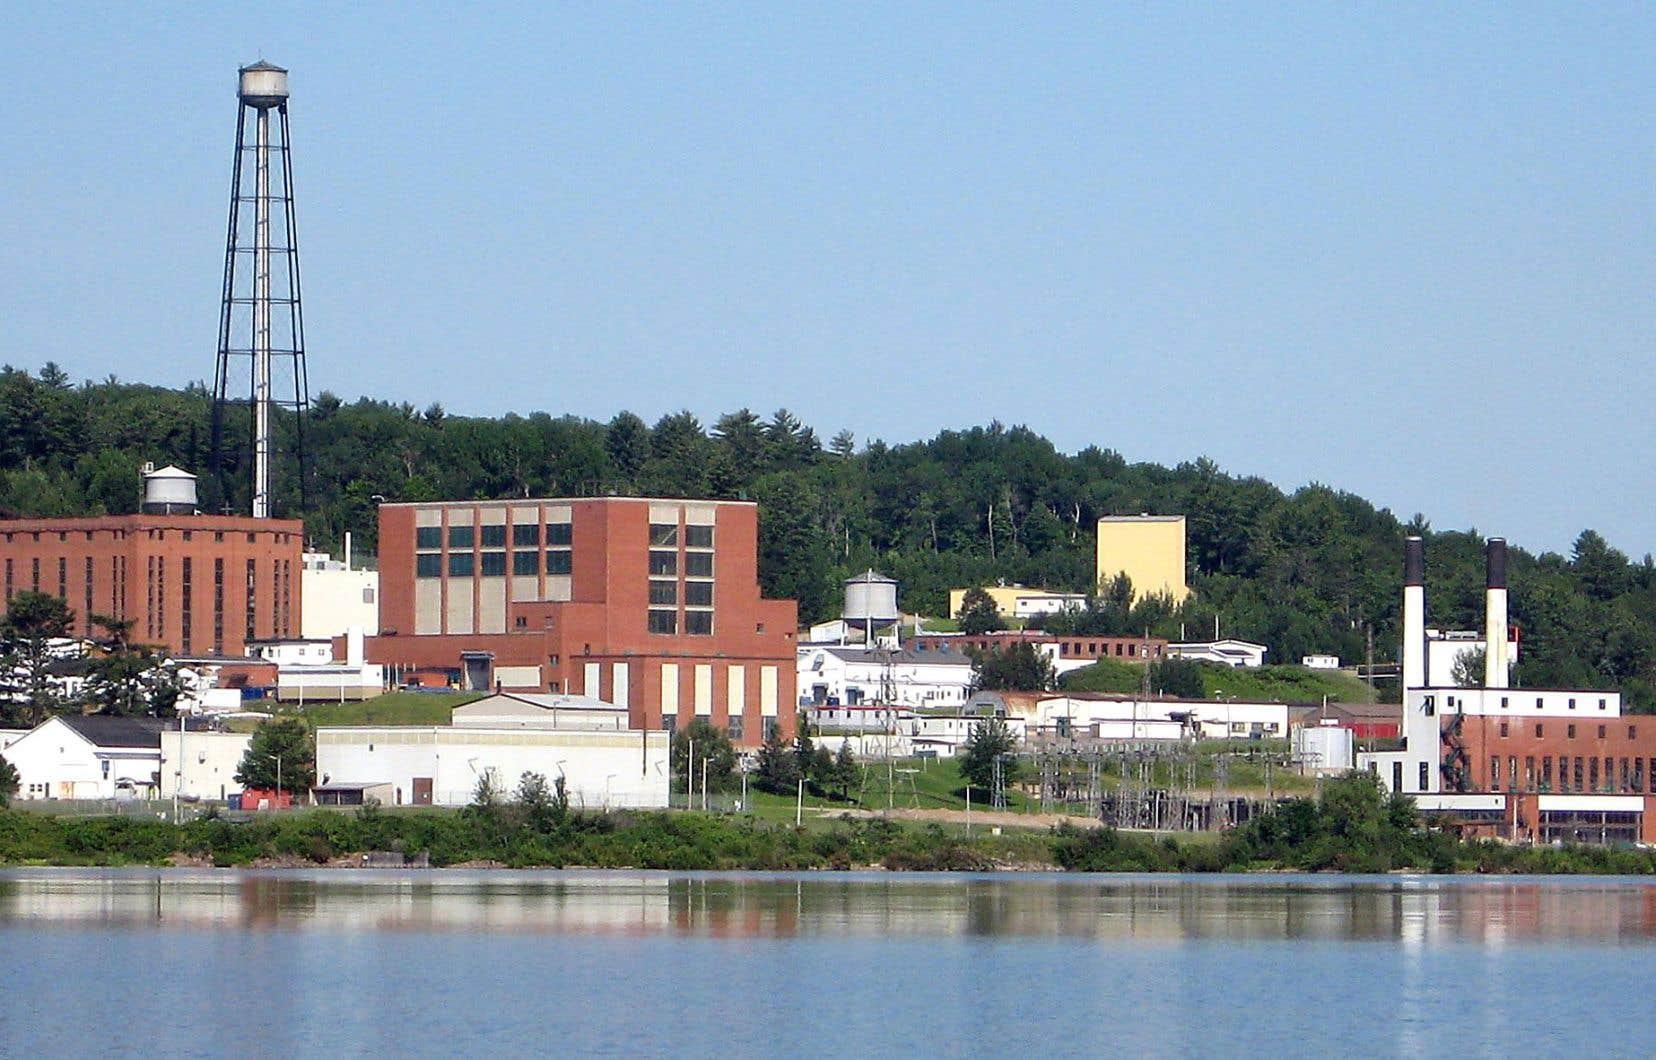 Le réacteur nucléaire de Chalk River est situé sur les berges de la rivière des Outaouais.